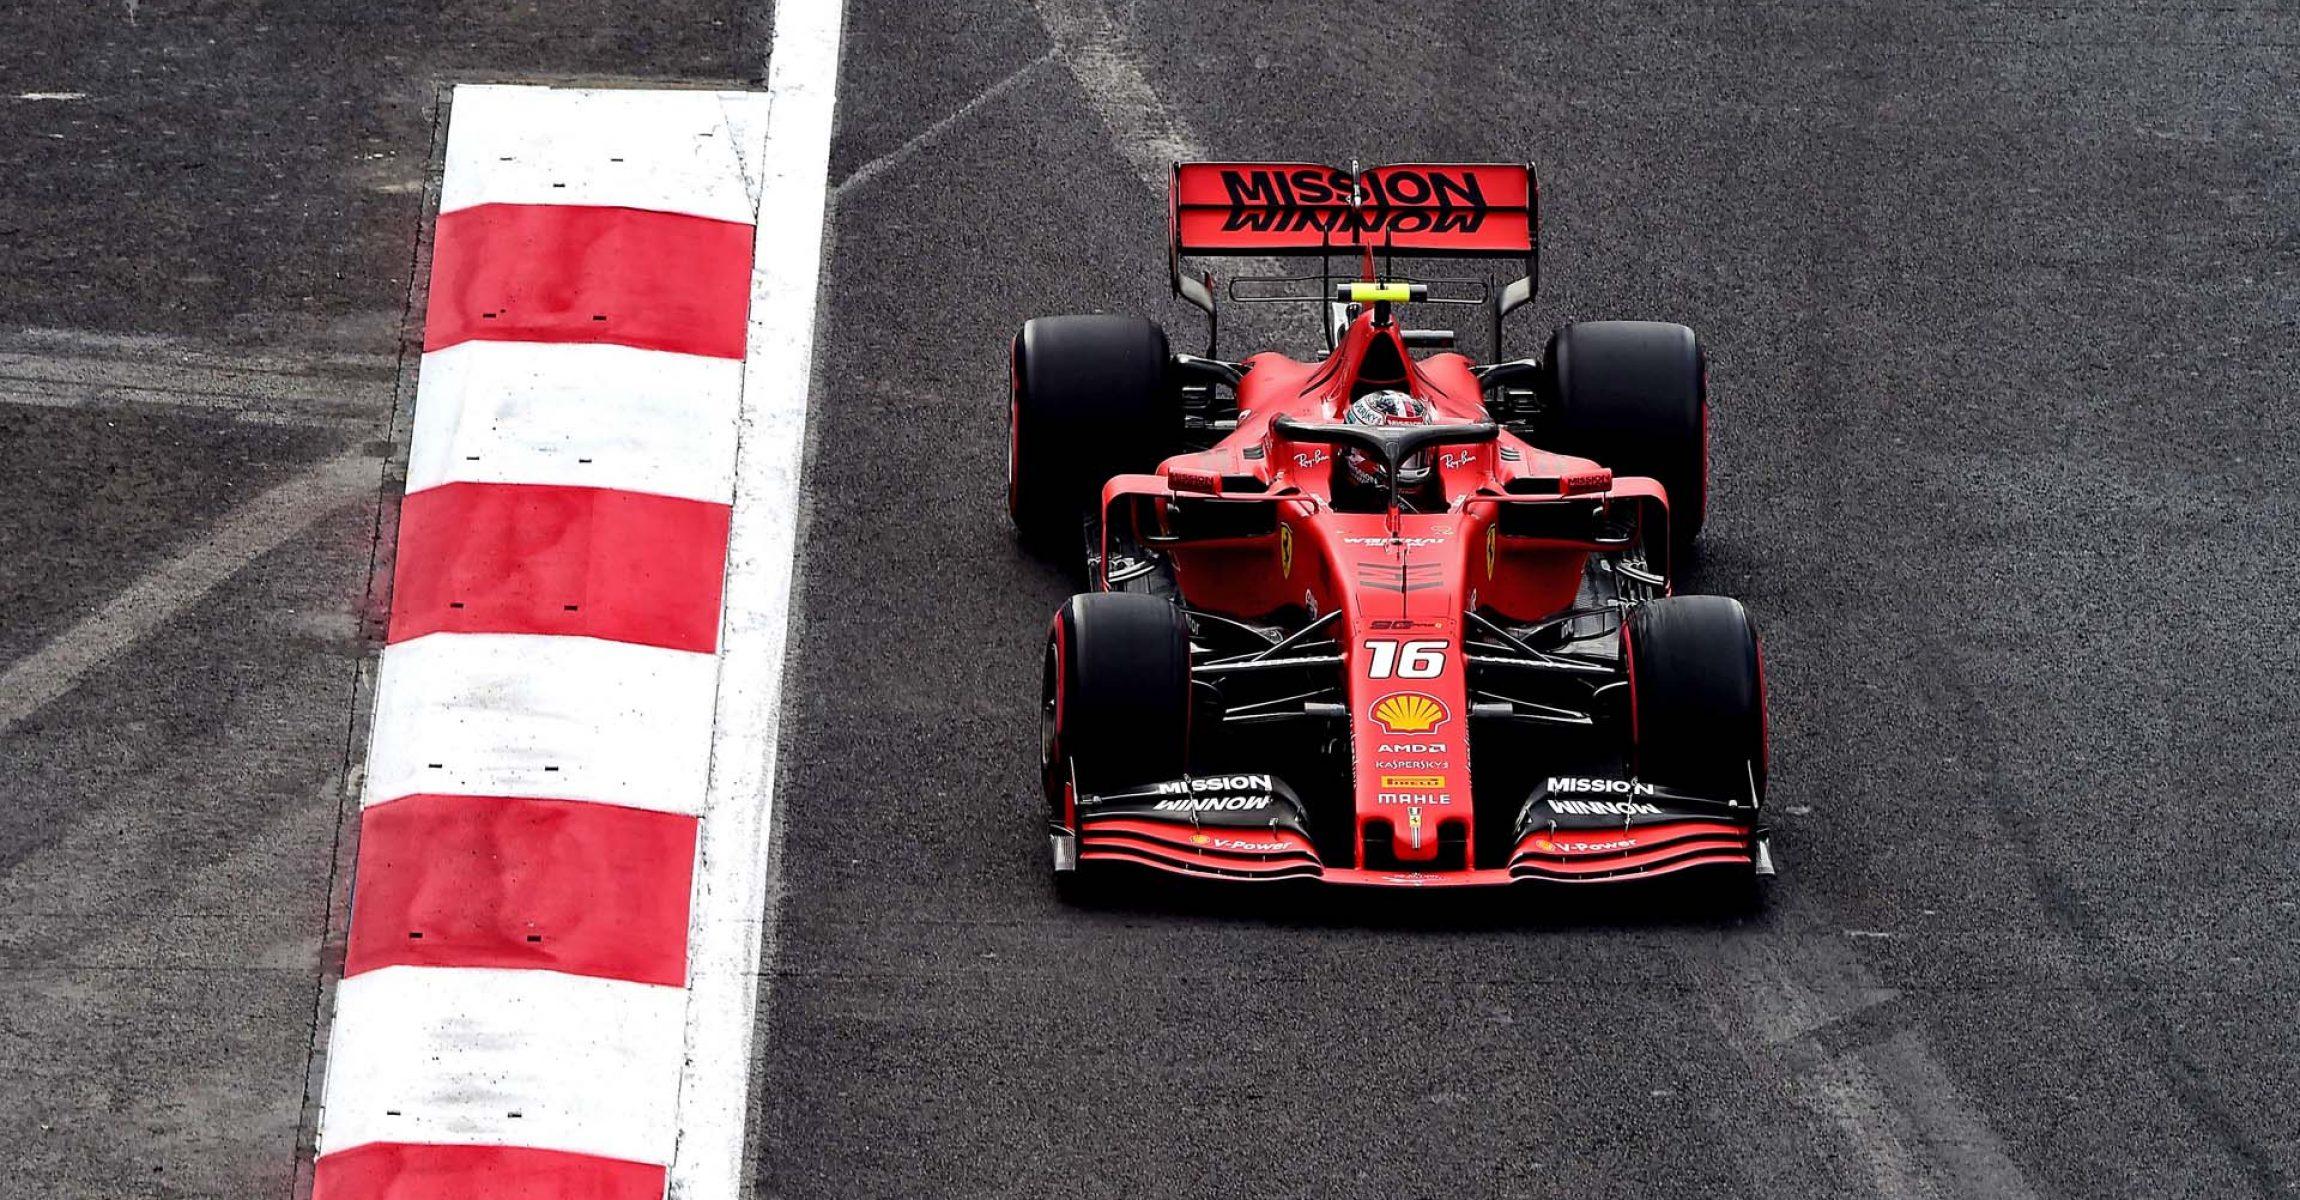 GP MESSICO  F1/2019 -  SABATO 26/10/2019   credit: @Scuderia Ferrari Press Office Charles Leclerc